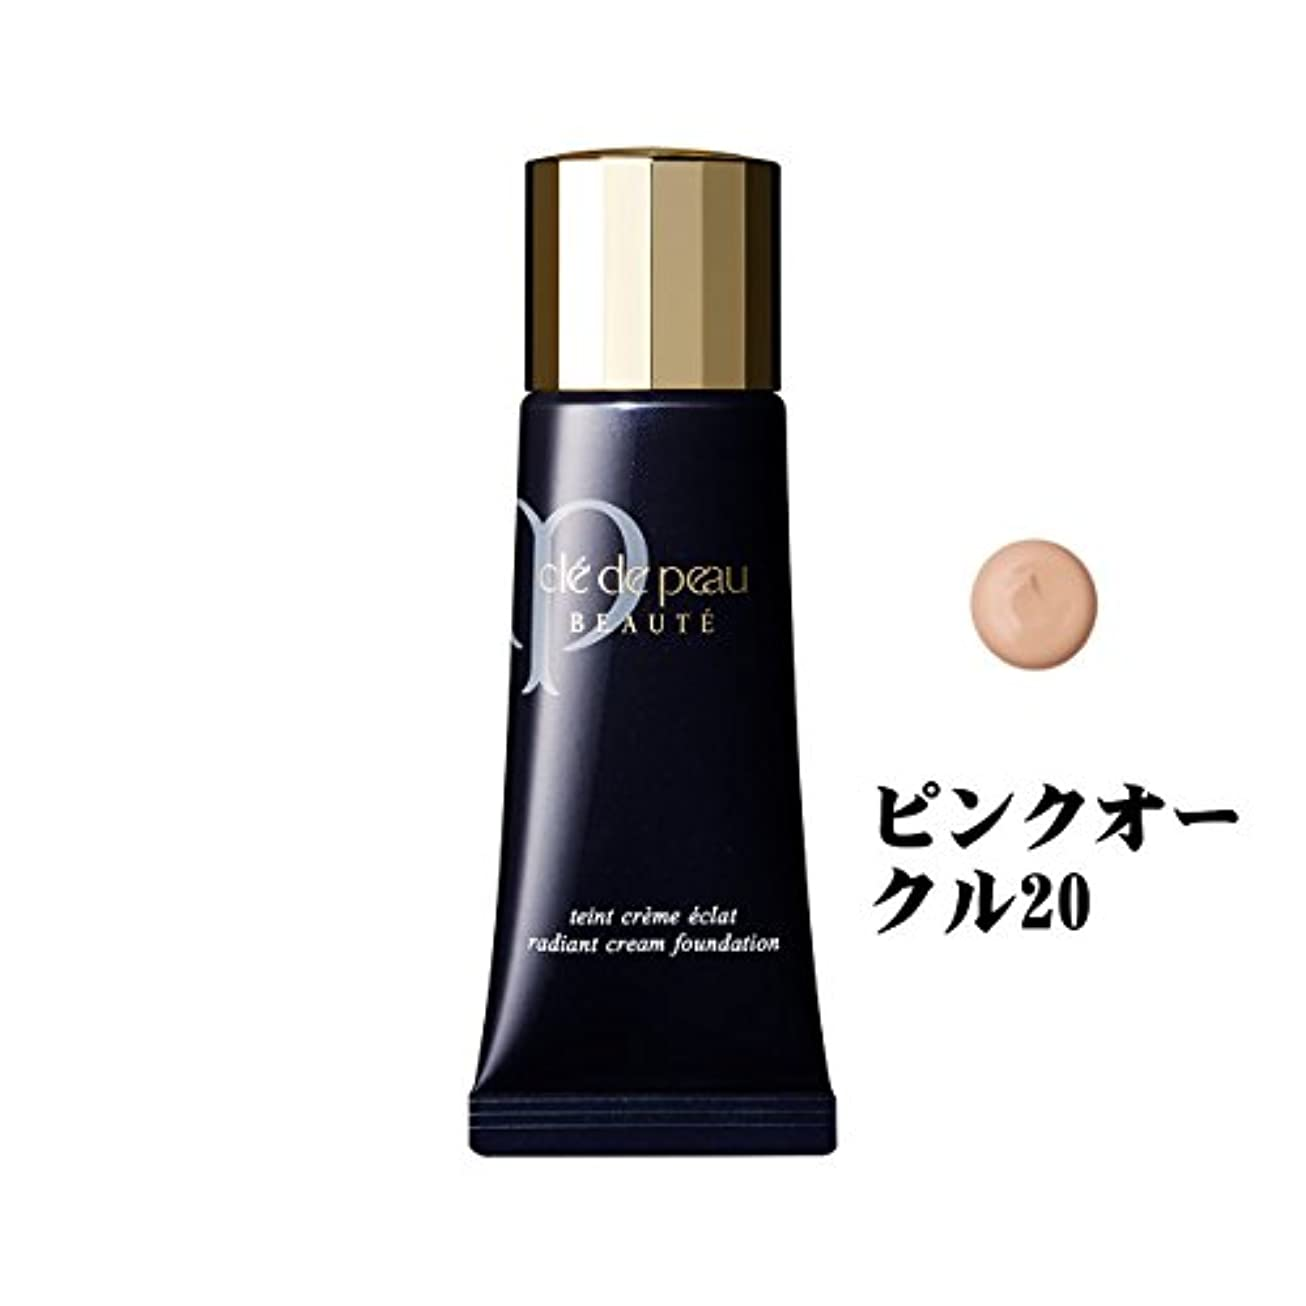 回路怠感省資生堂/shiseido クレドポーボーテ/CPB タンクレームエクラ クリームタイプ SPF25?PA++ ピンクオークル20